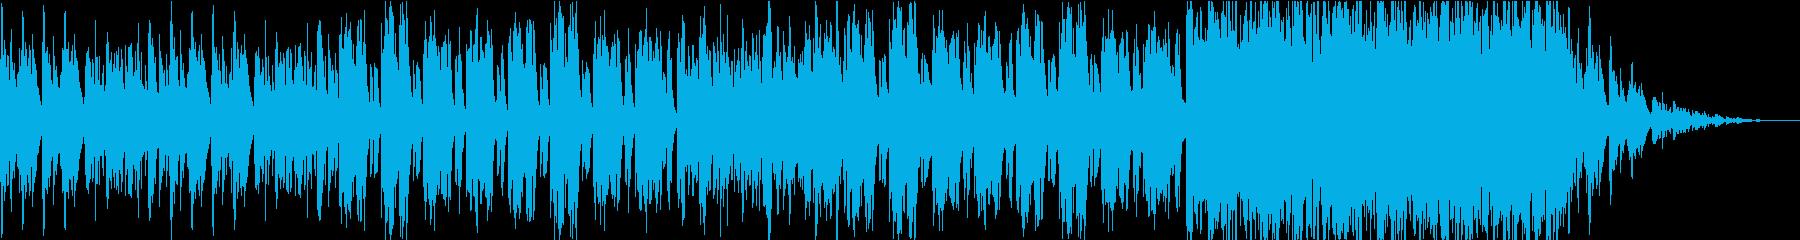 ハープの穏やかで物悲しい楽曲の再生済みの波形